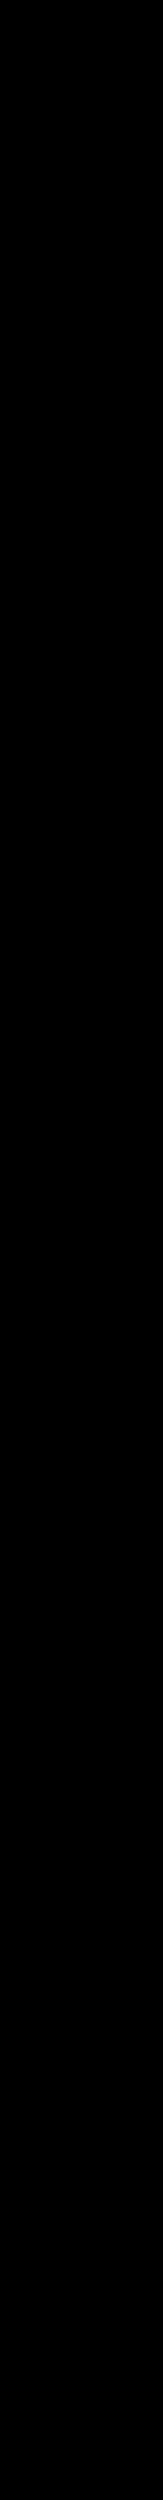 [Image: image?w=163&h=58&rev=34&ac=1&parent=1WQN...Z-29vFEWCM]